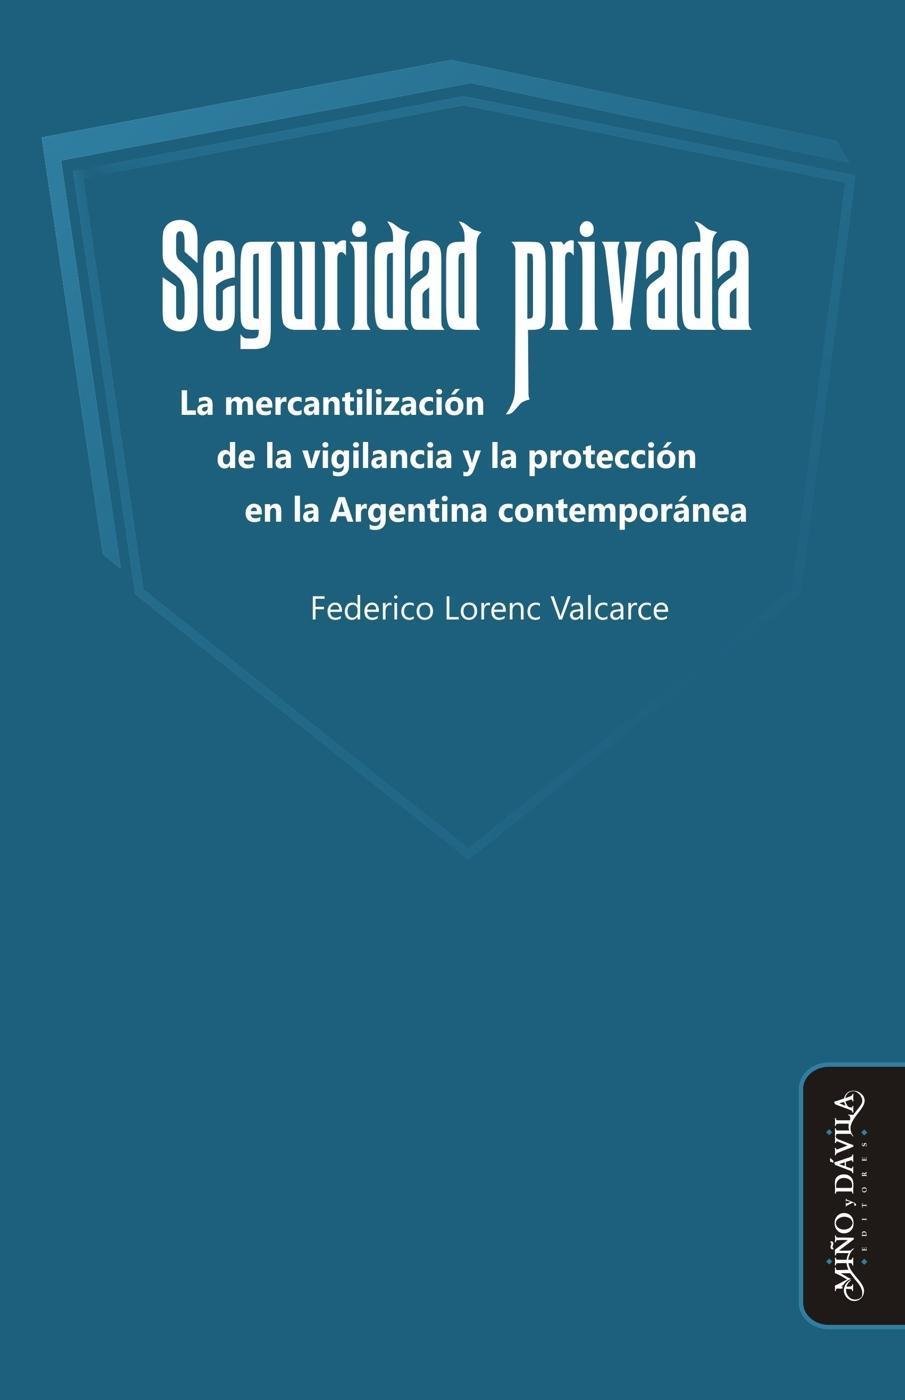 Seguridad privada. La mercantilización de la vigilancia y la protección en la Argentina contemporánea  by  Federico Lorenc Valcarce